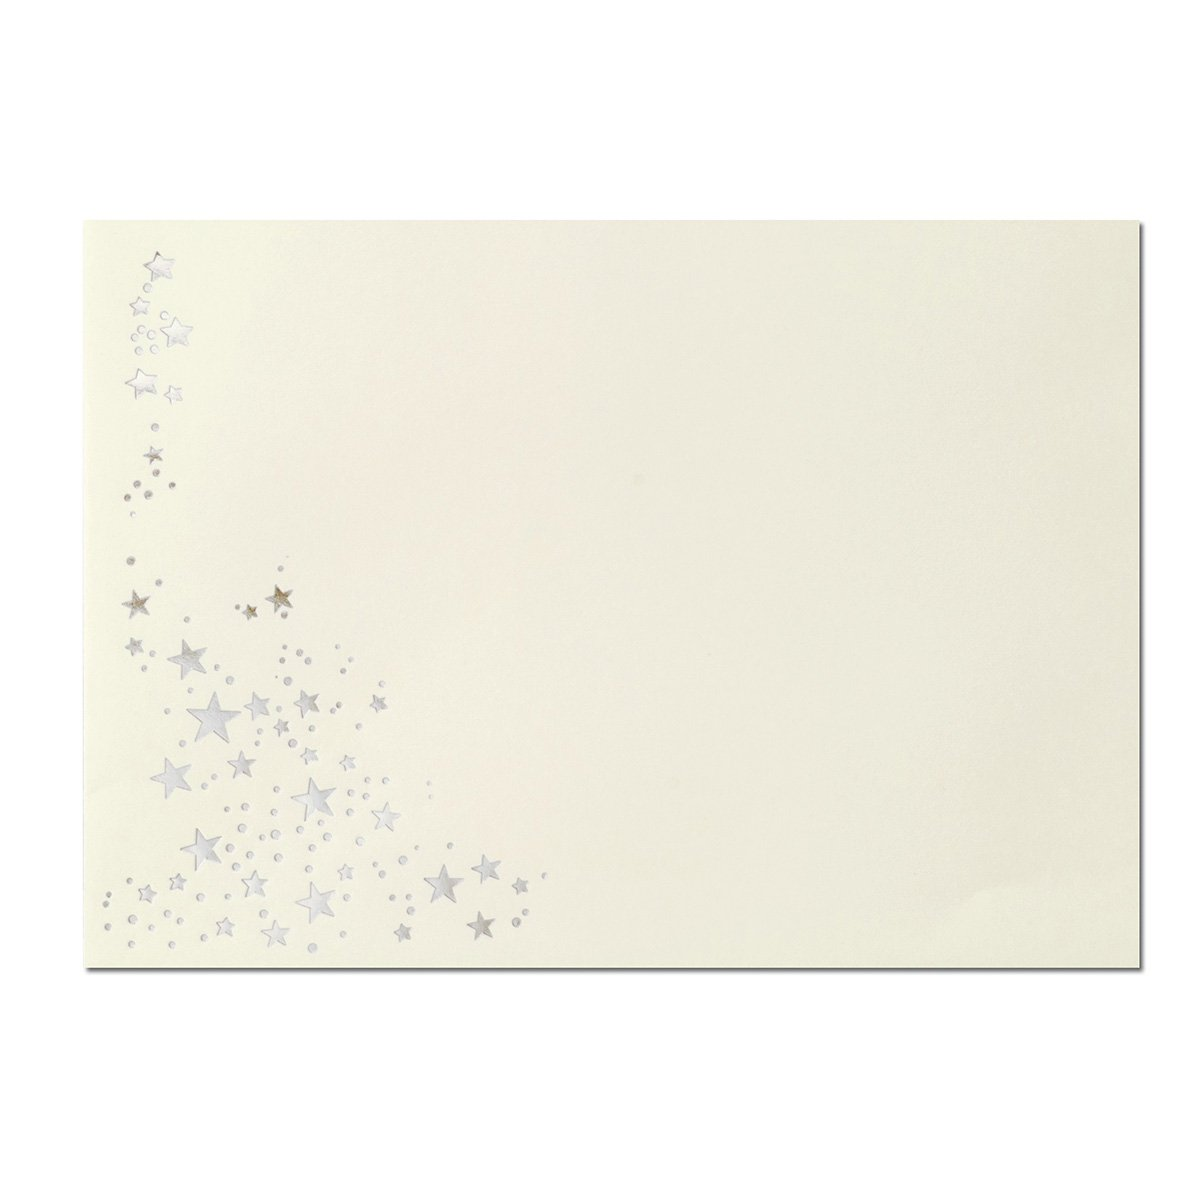 300x Weihnachts-Briefumschläge   DIN C6     mit Gold-Metallic geprägtem Sternenregen  Farbe  Sandbraun  Nassklebung, 120 g m²   114 x 162 mm   Marke  GUSTAV NEUSER® B07CHPJ4M5 | Online Outlet Store  | Zahlreiche In Vielfalt  | Schön In  1975ef